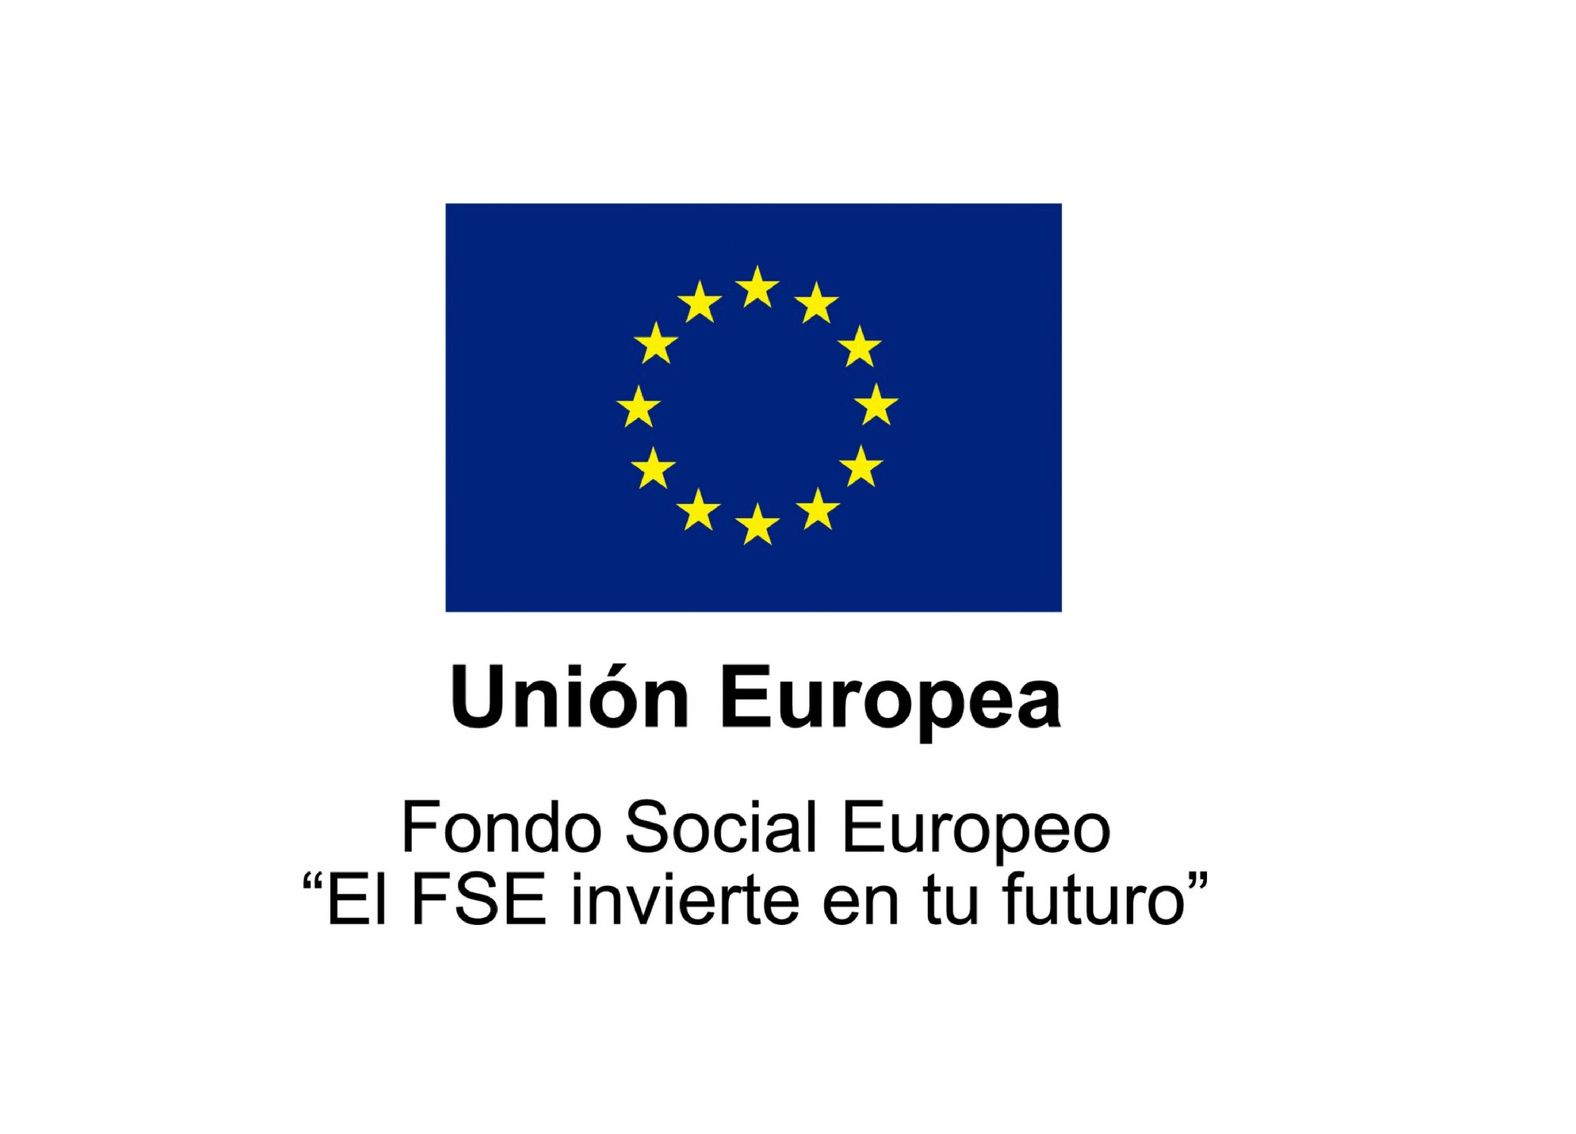 Nota del Fondo Social Europeo